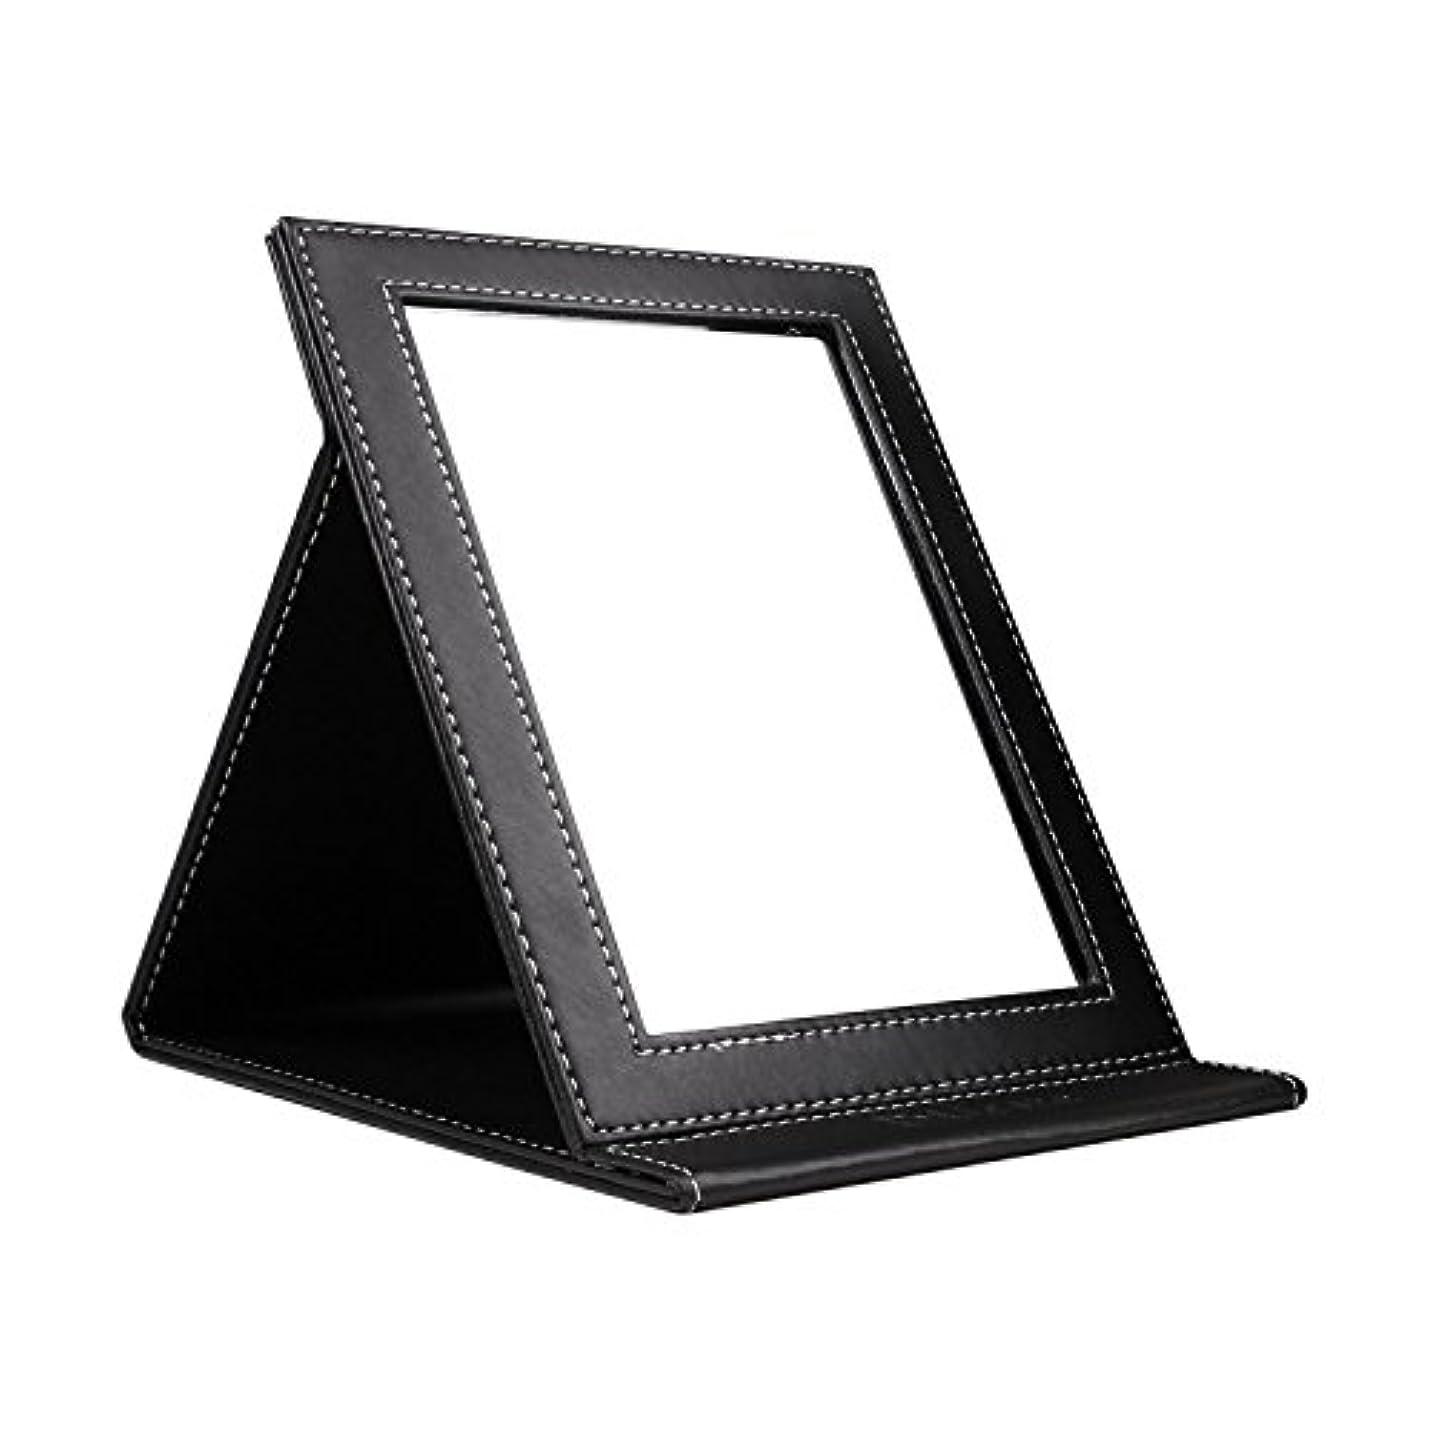 編集する塊成長するDUcare ドゥケア 化粧鏡 スタンドミラー 折りたたみ式 角度調整自由自在 上質PUレザー使用